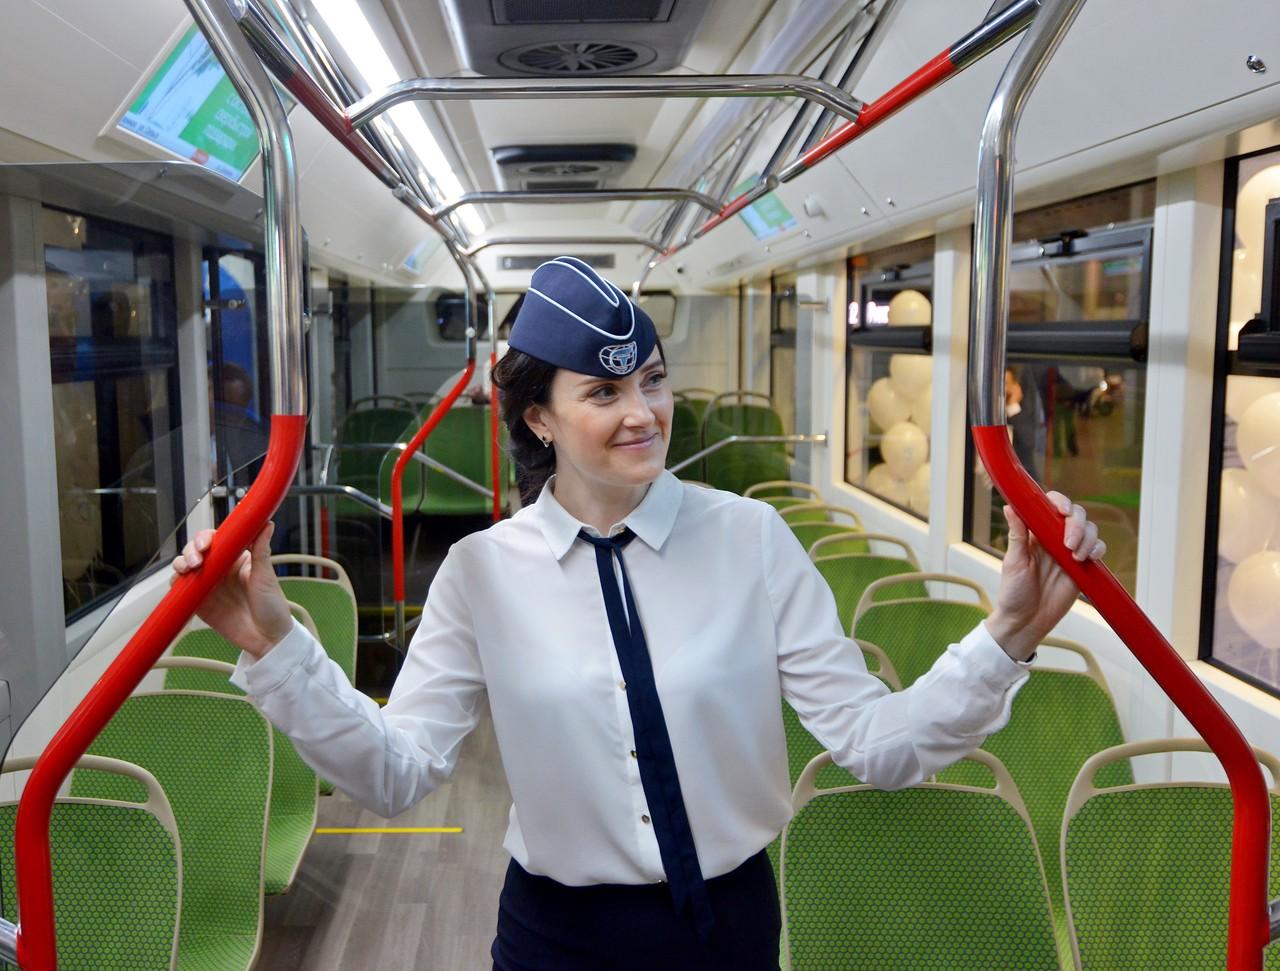 Конкурс видеороликов об электробусах запустили в Москве